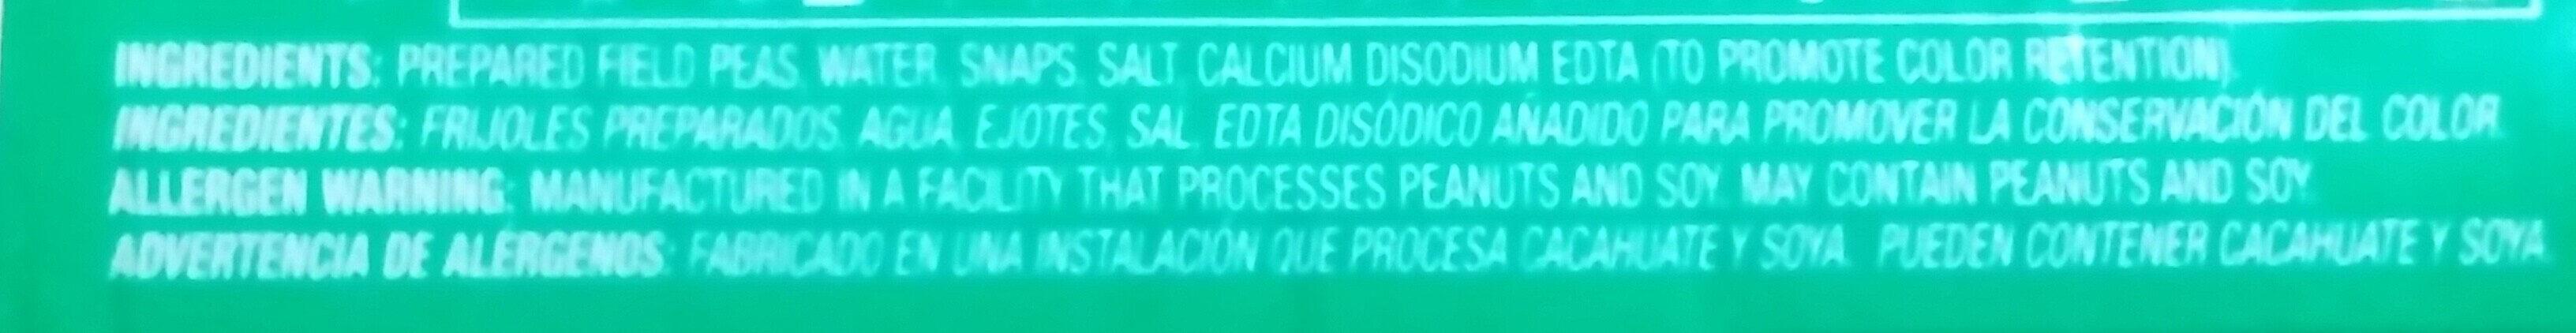 Field Peas & Snaps - Ingredients